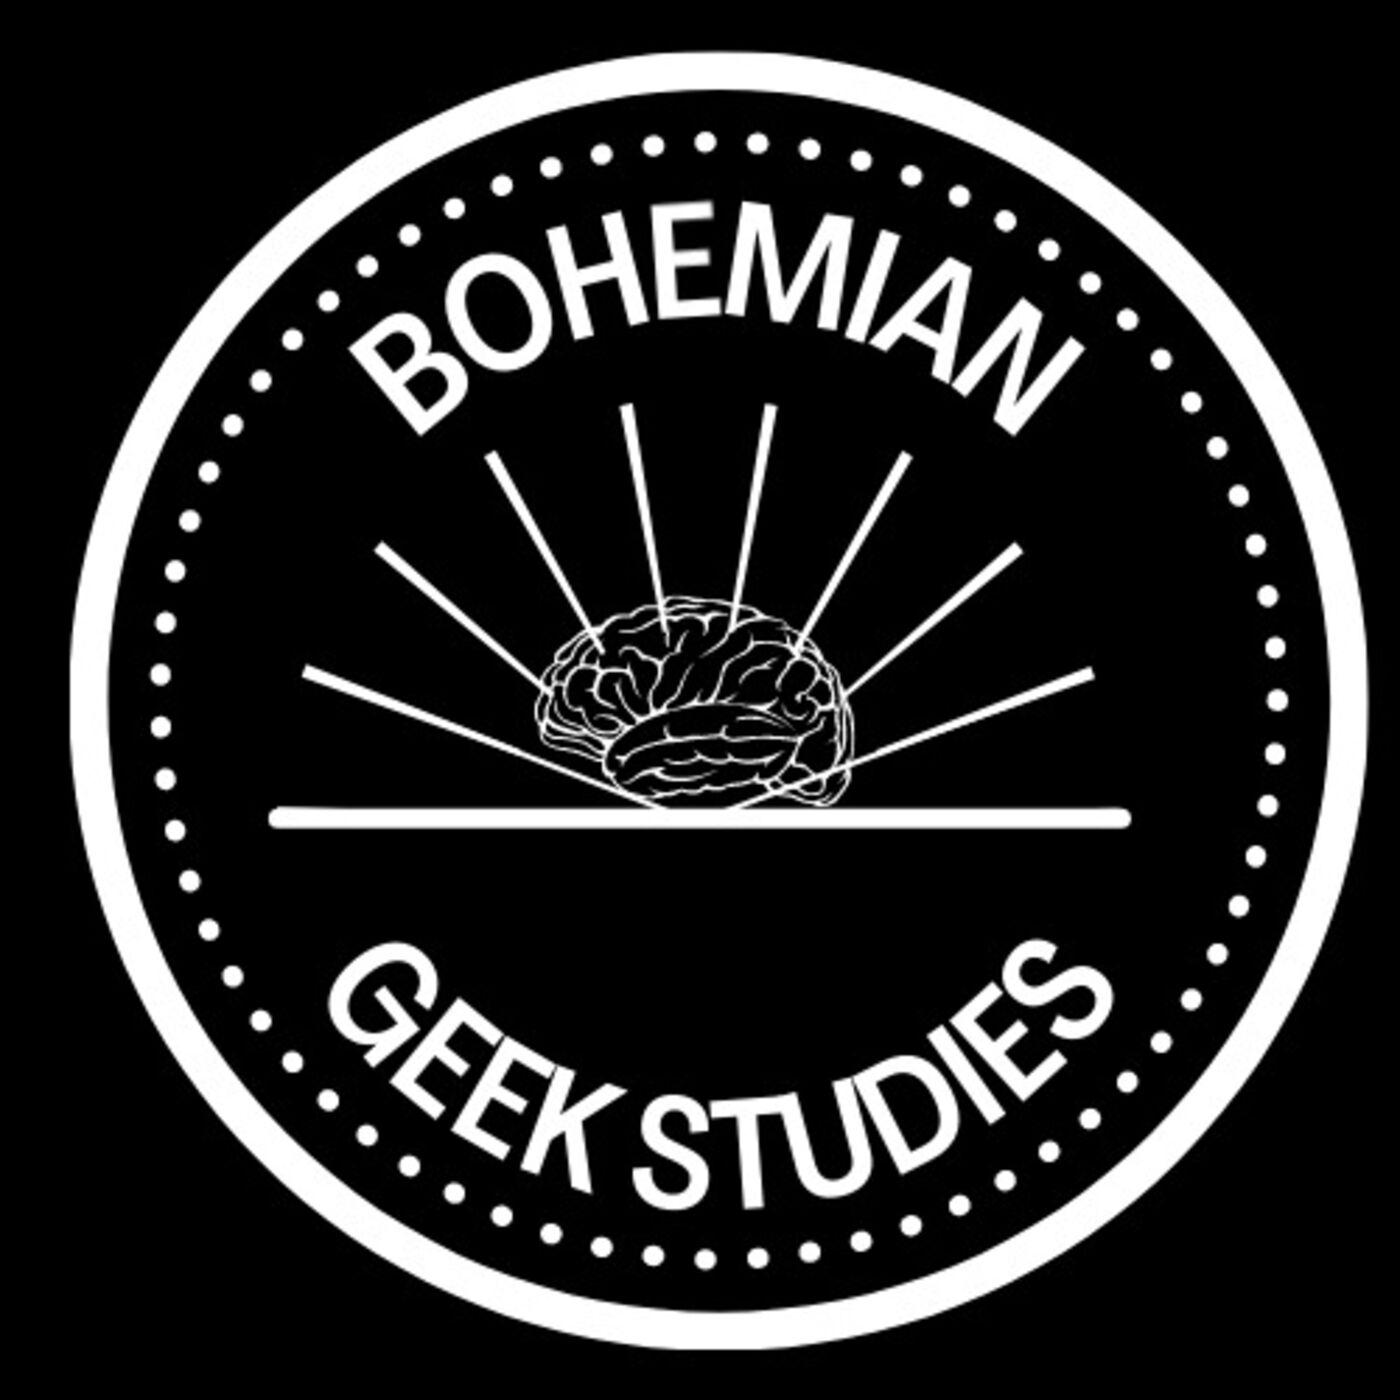 Show artwork for Bohemian Geek Studies